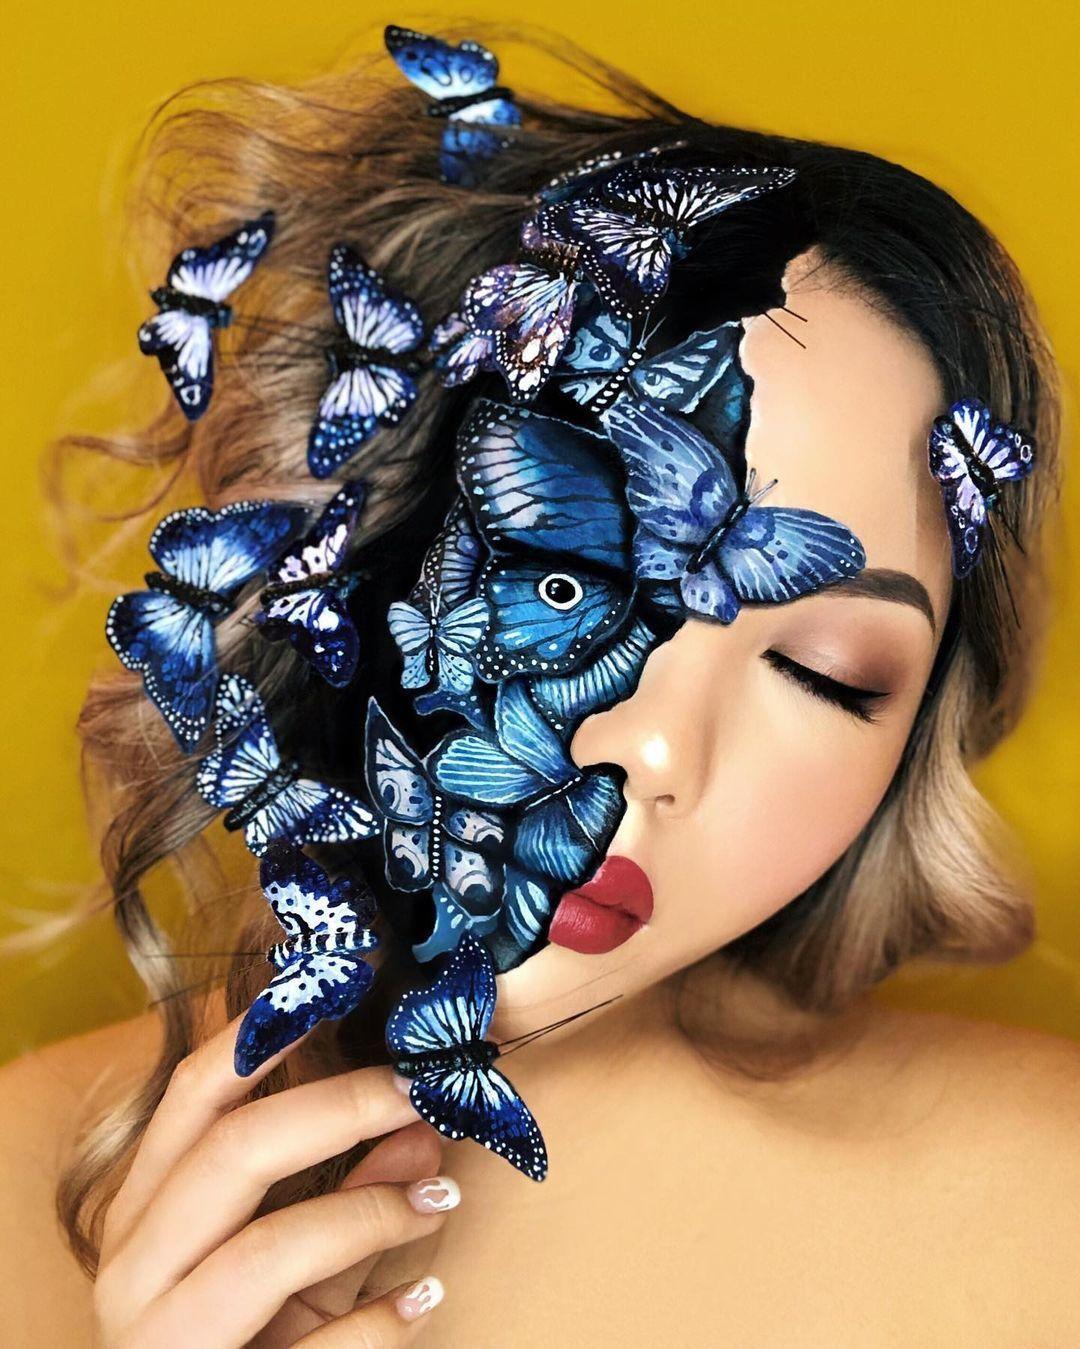 Mimi Choi vancouveri makeup artist elképesztő alkotásai már a TikTokot is meghódították